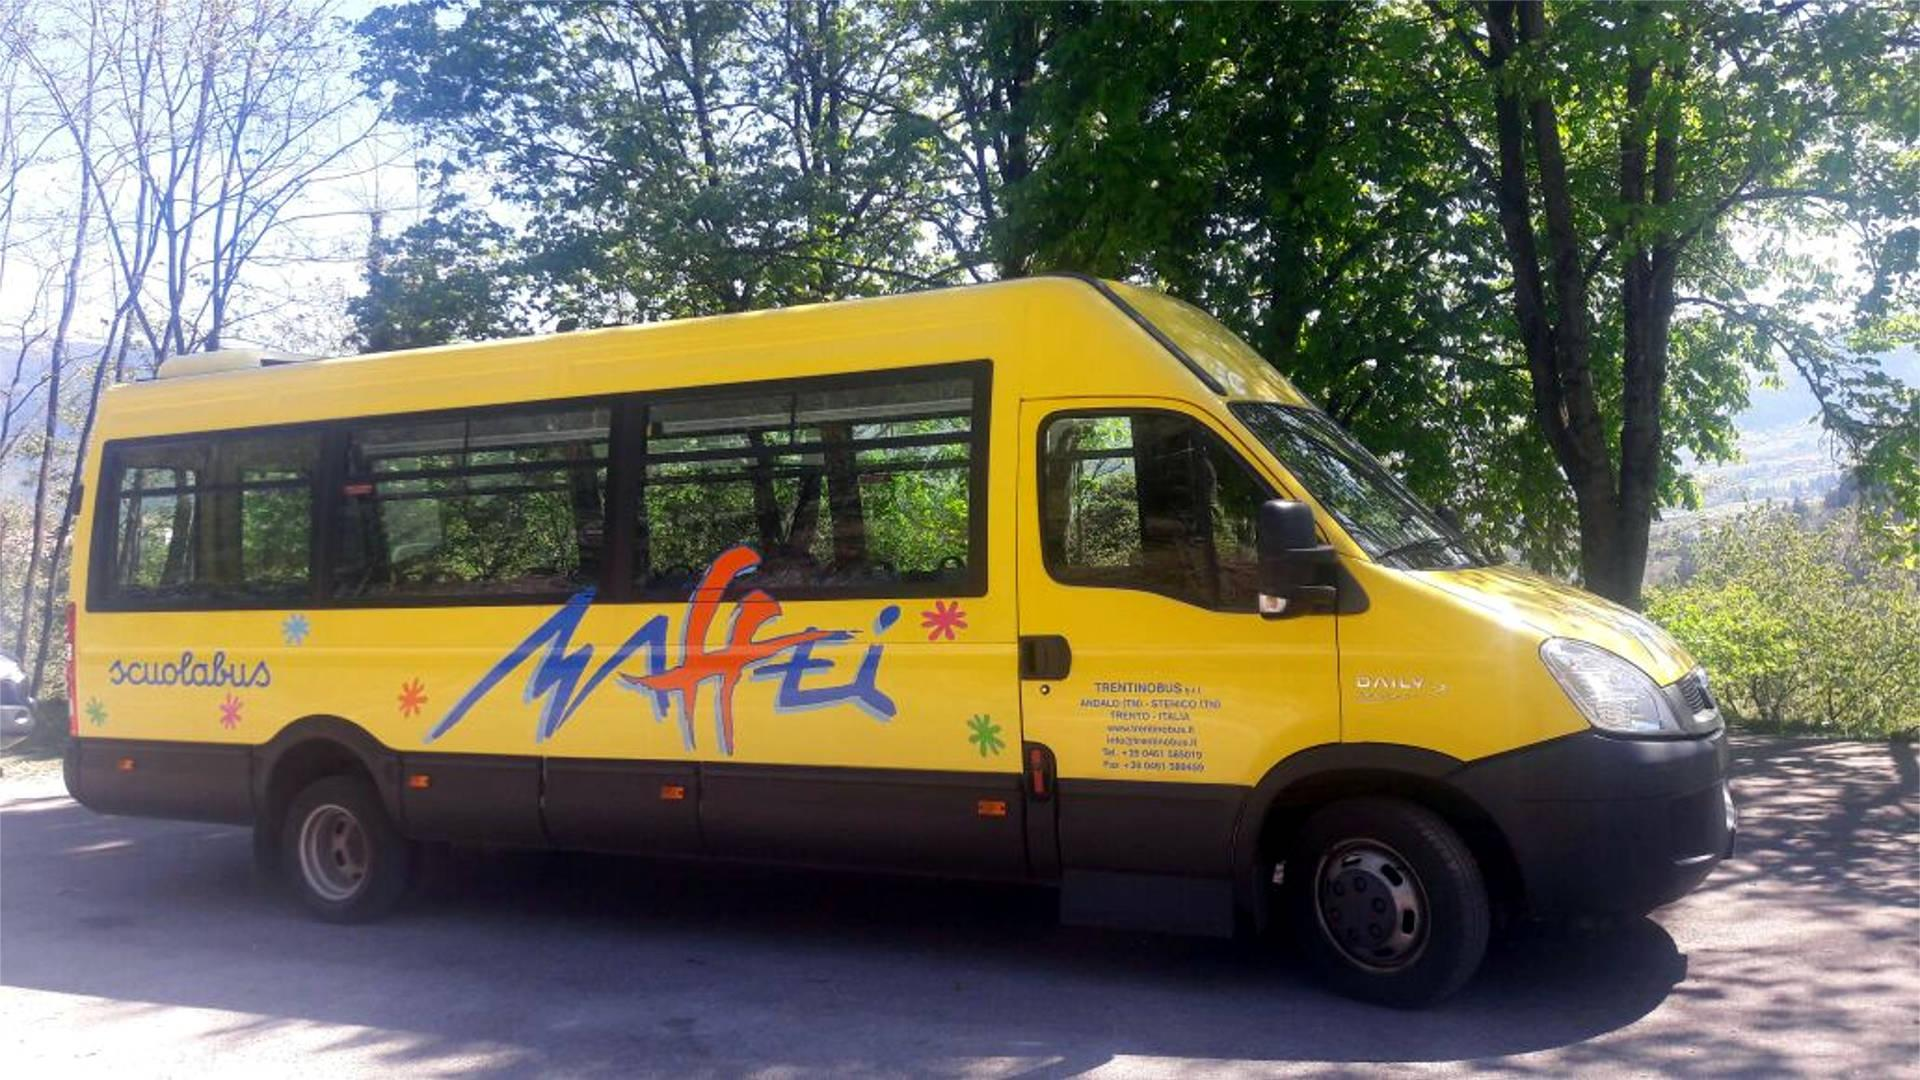 daily scuolabus 2